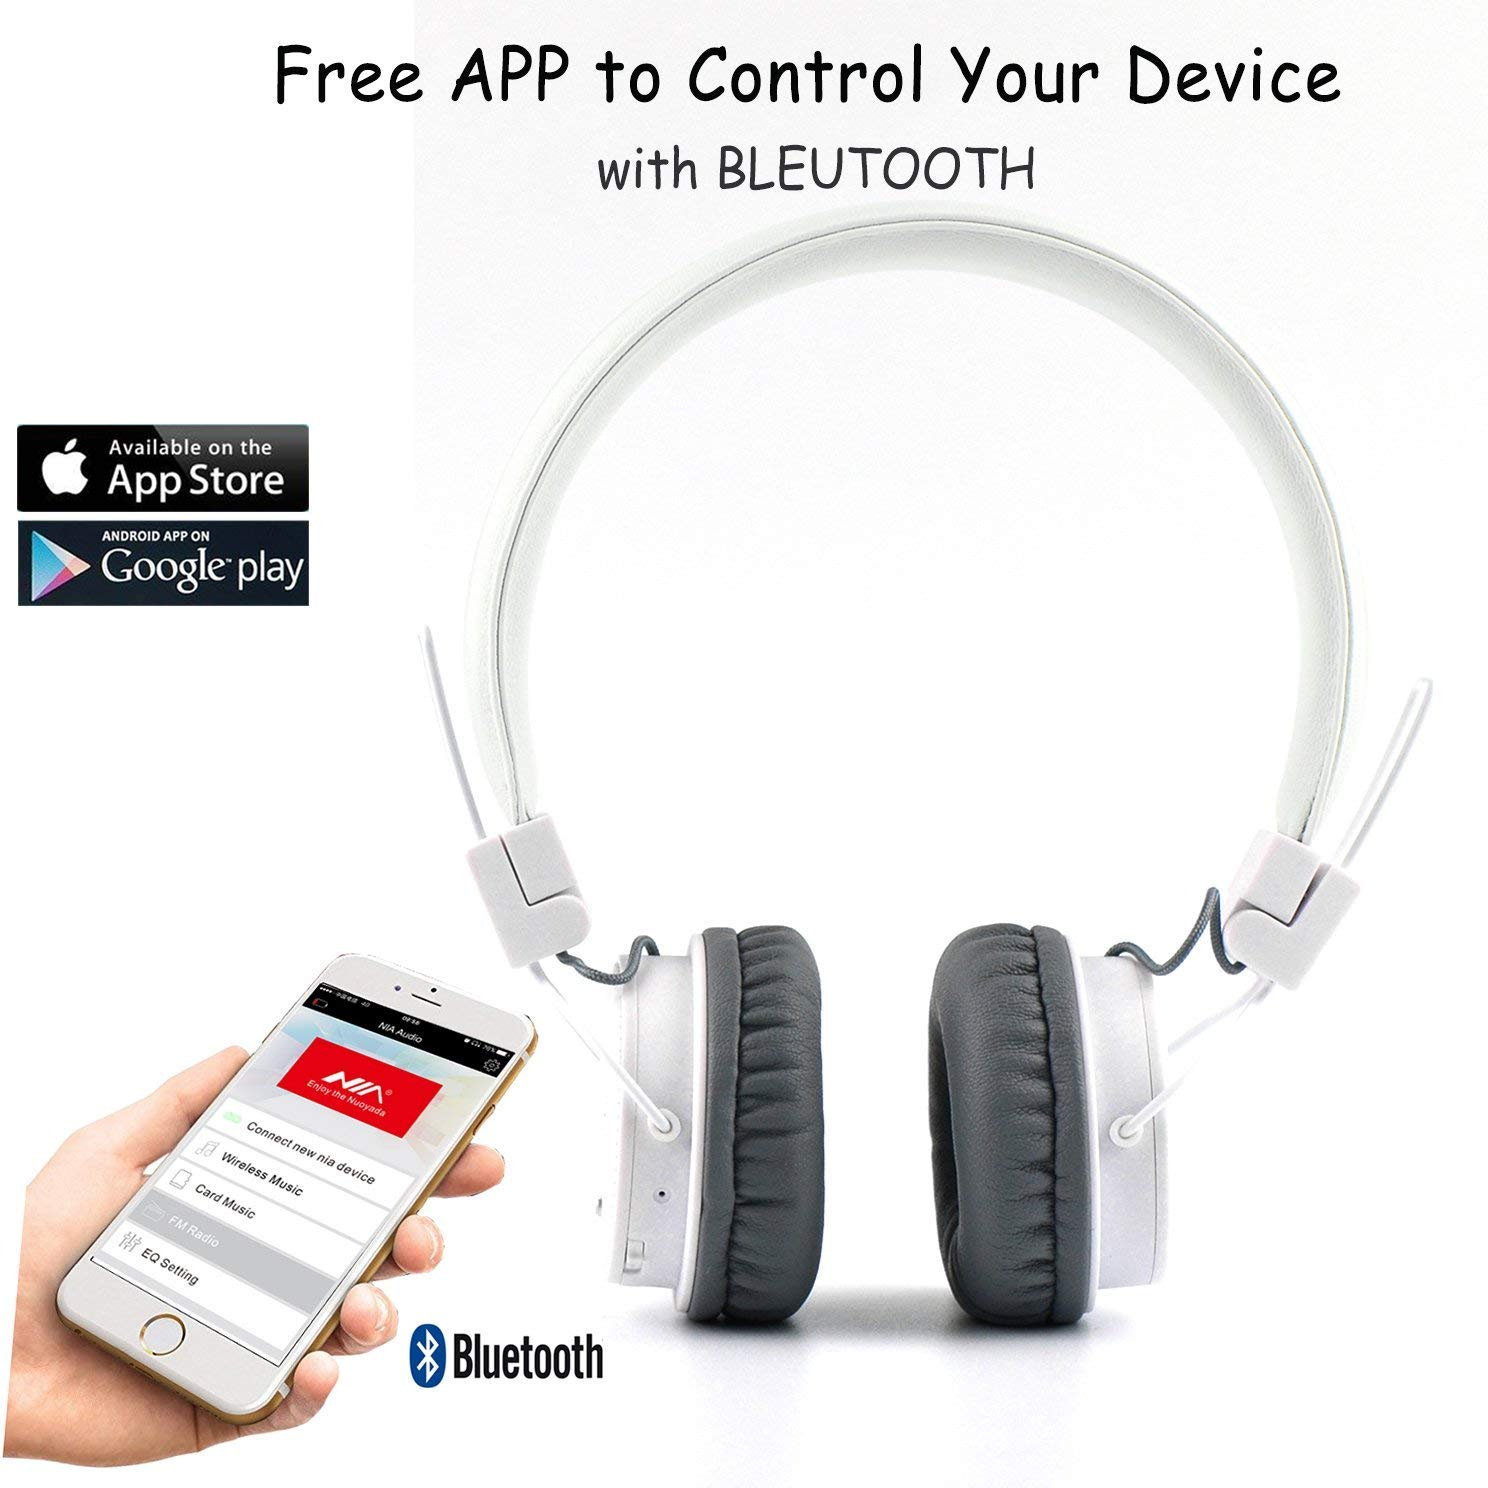 Auriculares inalámbricos Bluetooth, estéreo, plegables con micrófono para iPhone, Android y la máxima comodidad, portátil y flexible en color blanco, ...